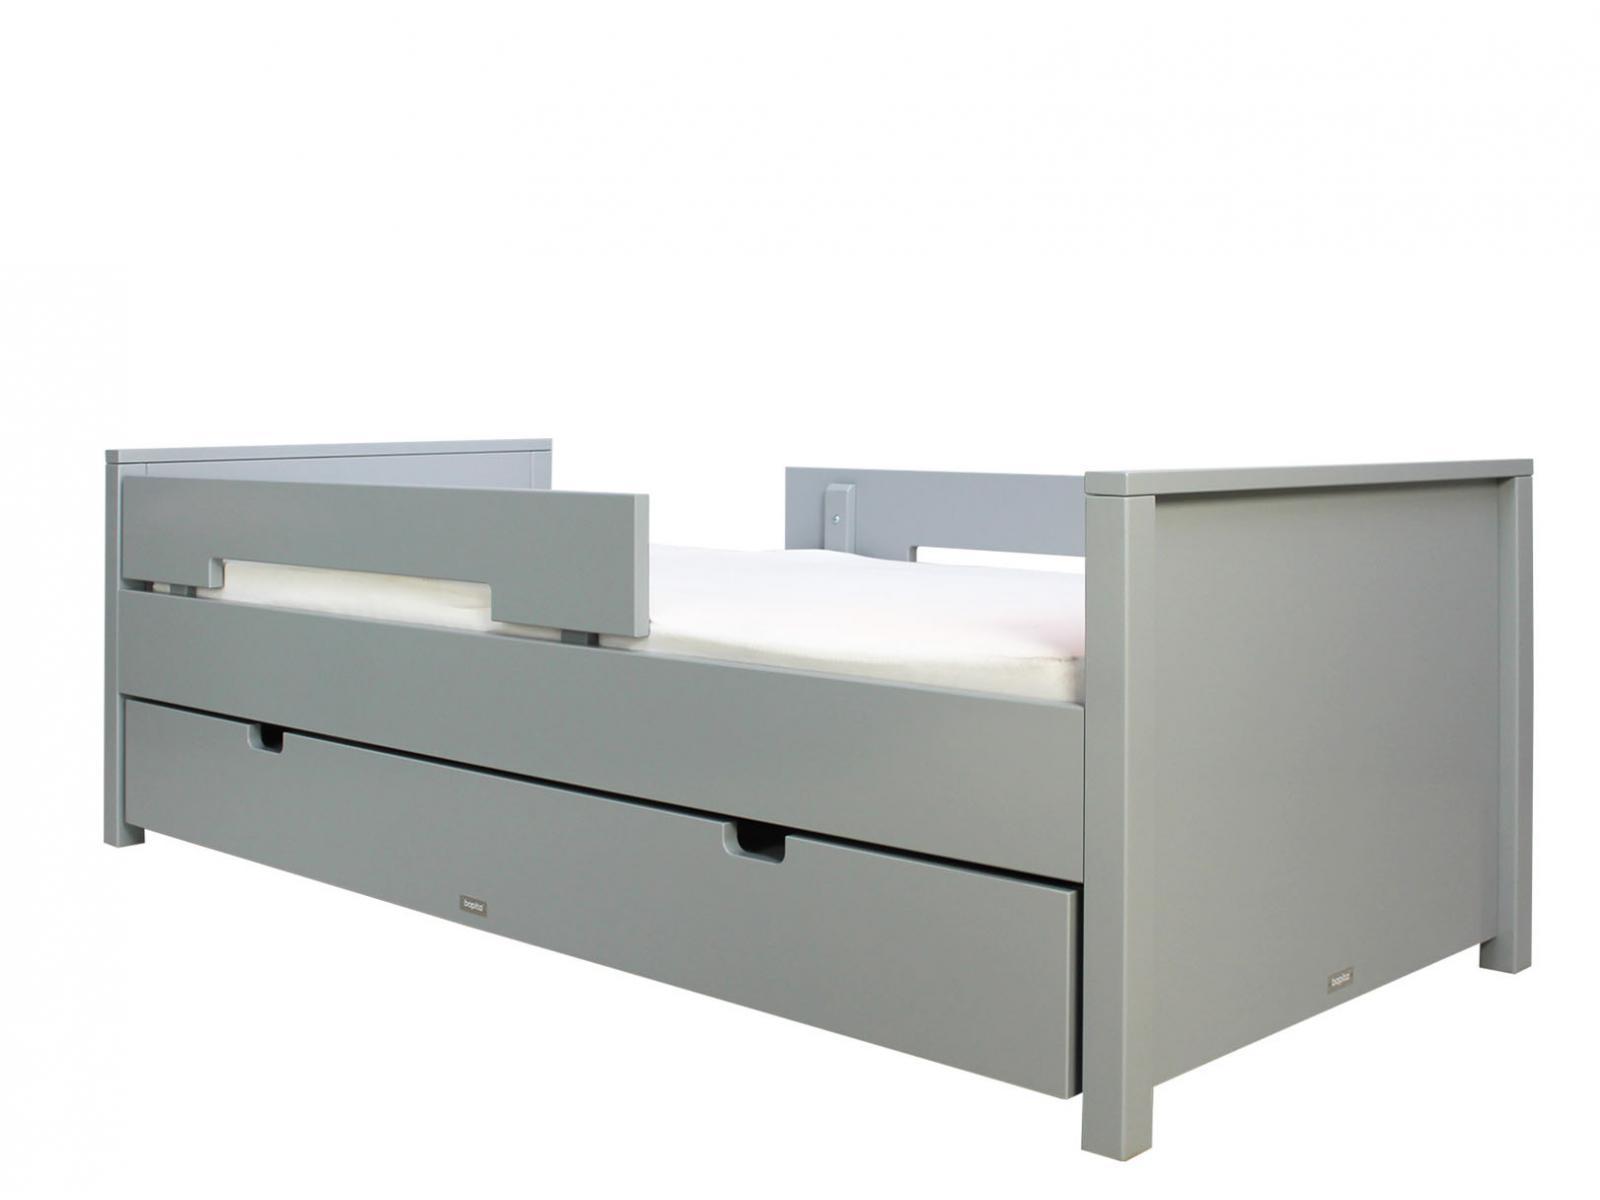 bopita lit 90x200 jonne gris pure incl 2 barres de protection. Black Bedroom Furniture Sets. Home Design Ideas